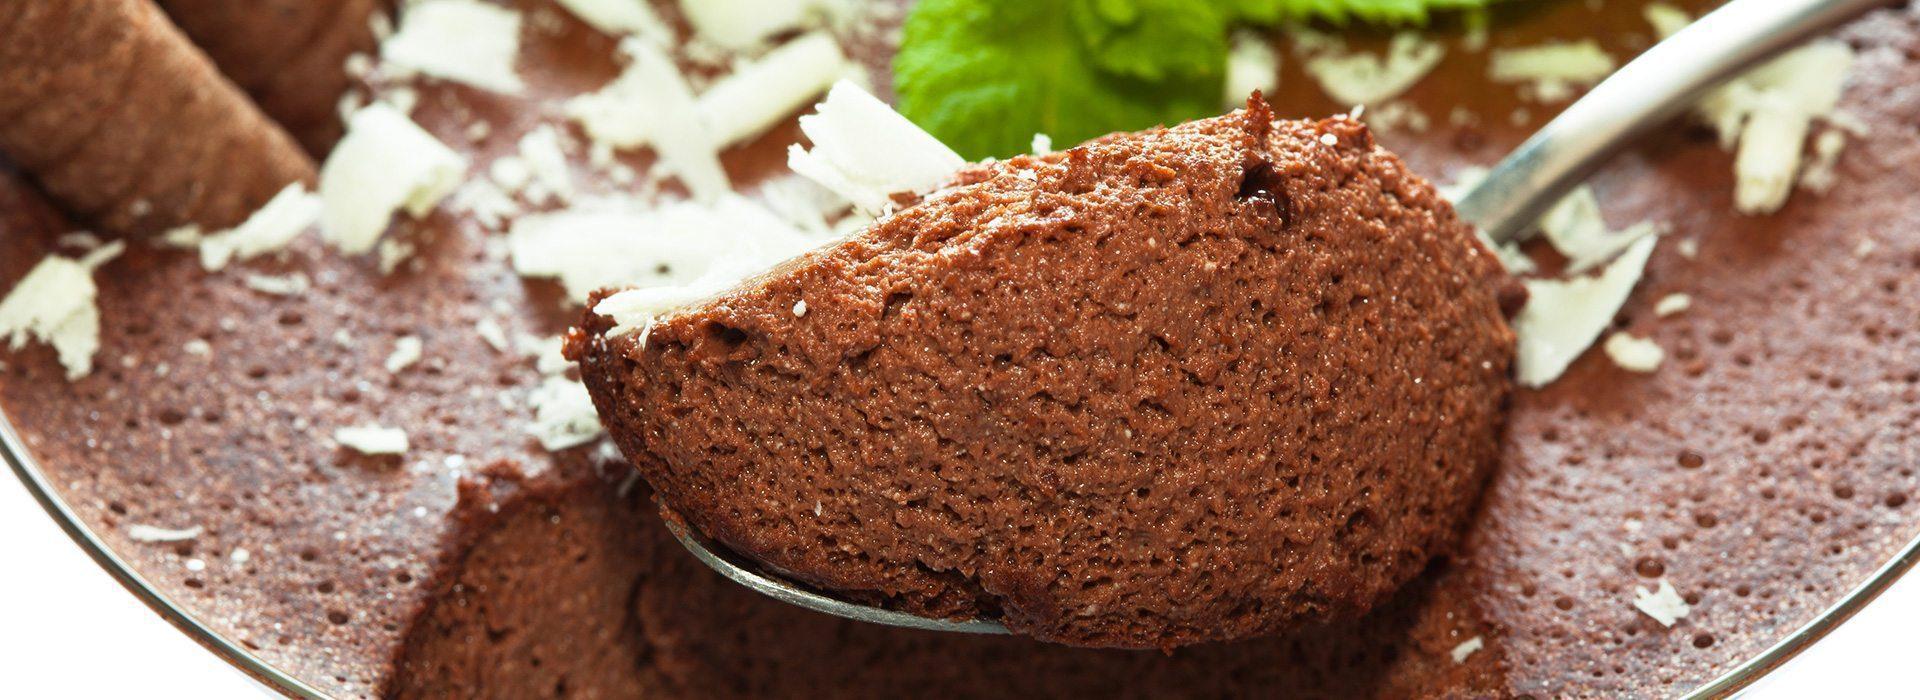 Mousse parfait chocolat - Recette Berthelet